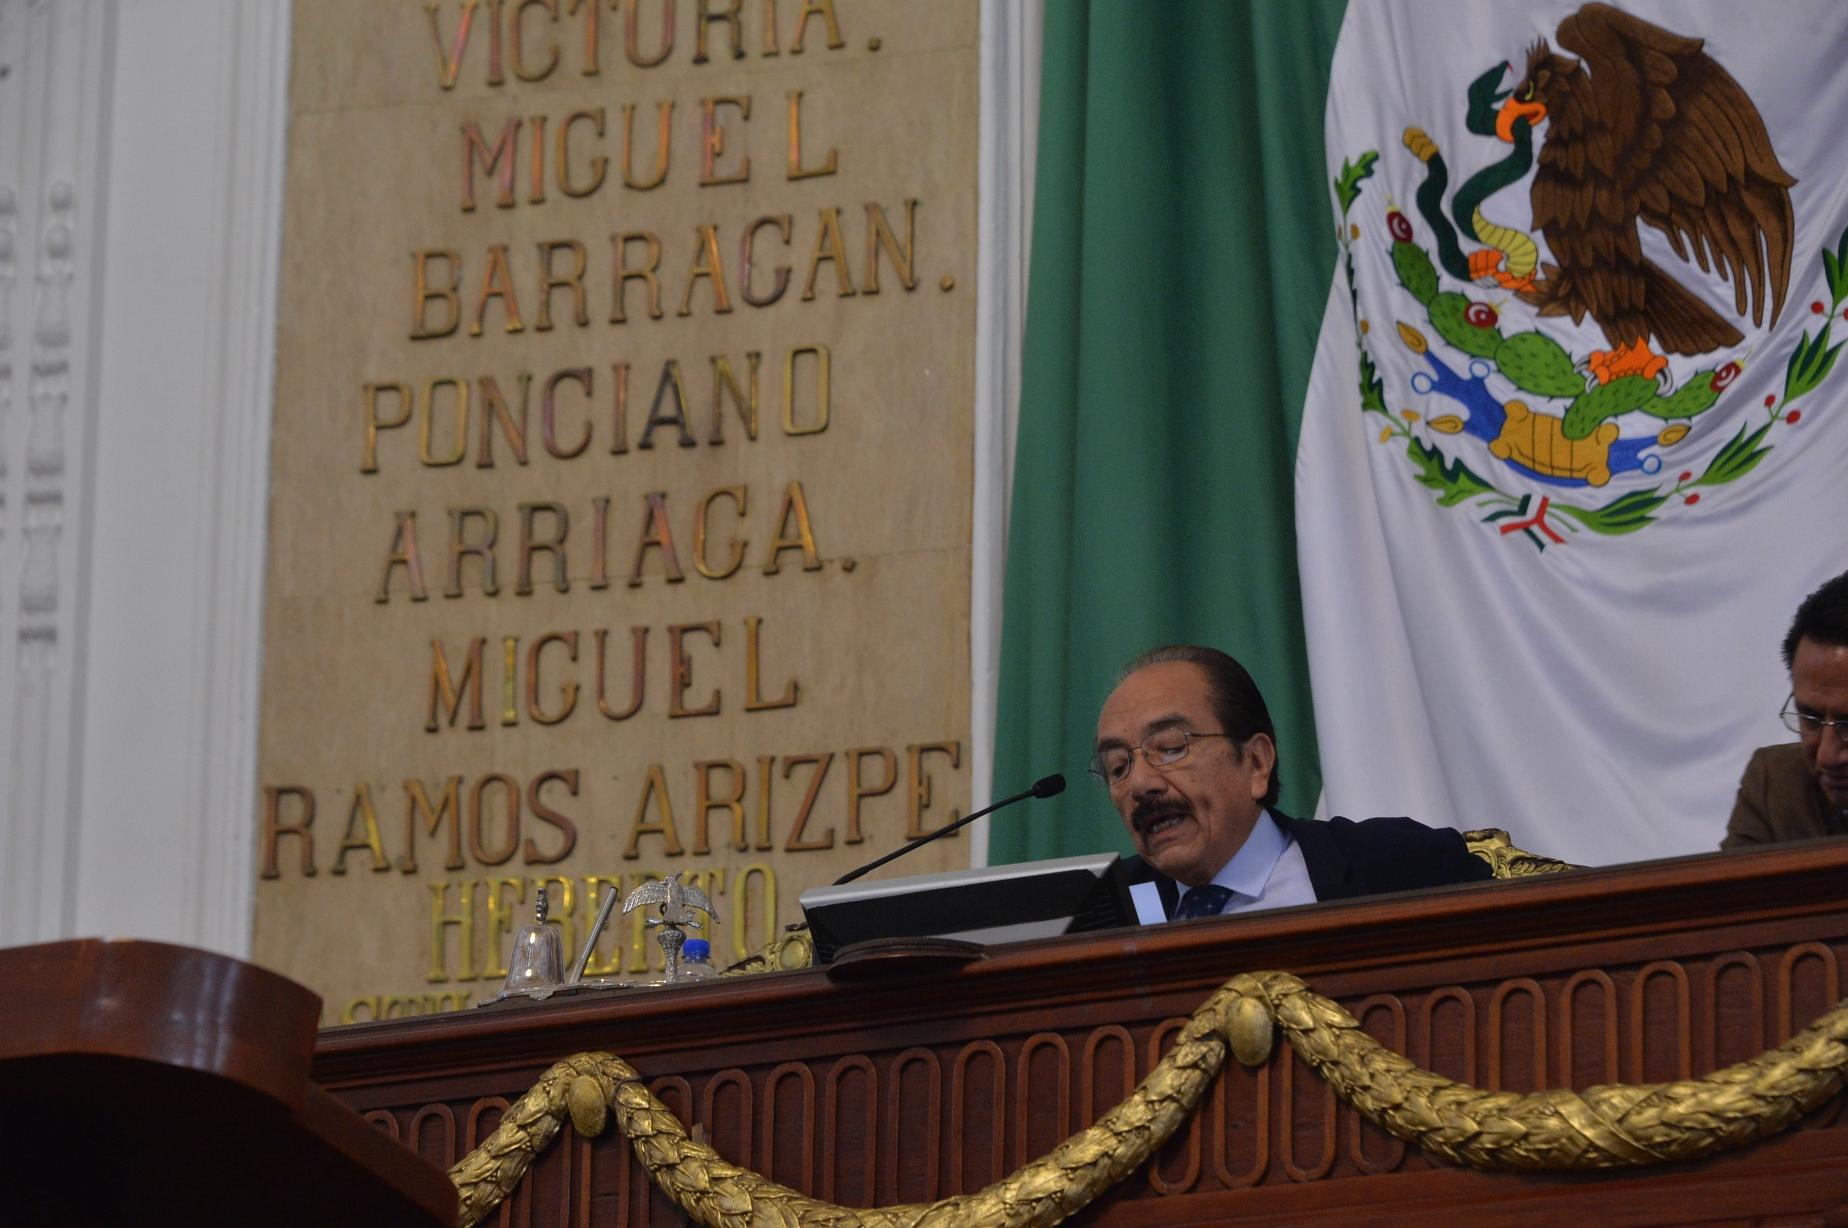 El Congreso Capitalino inscribirá en letras de oro la Leyenda Mártires del 10 de junio de 1971 en el Muro de Honor de Donceles